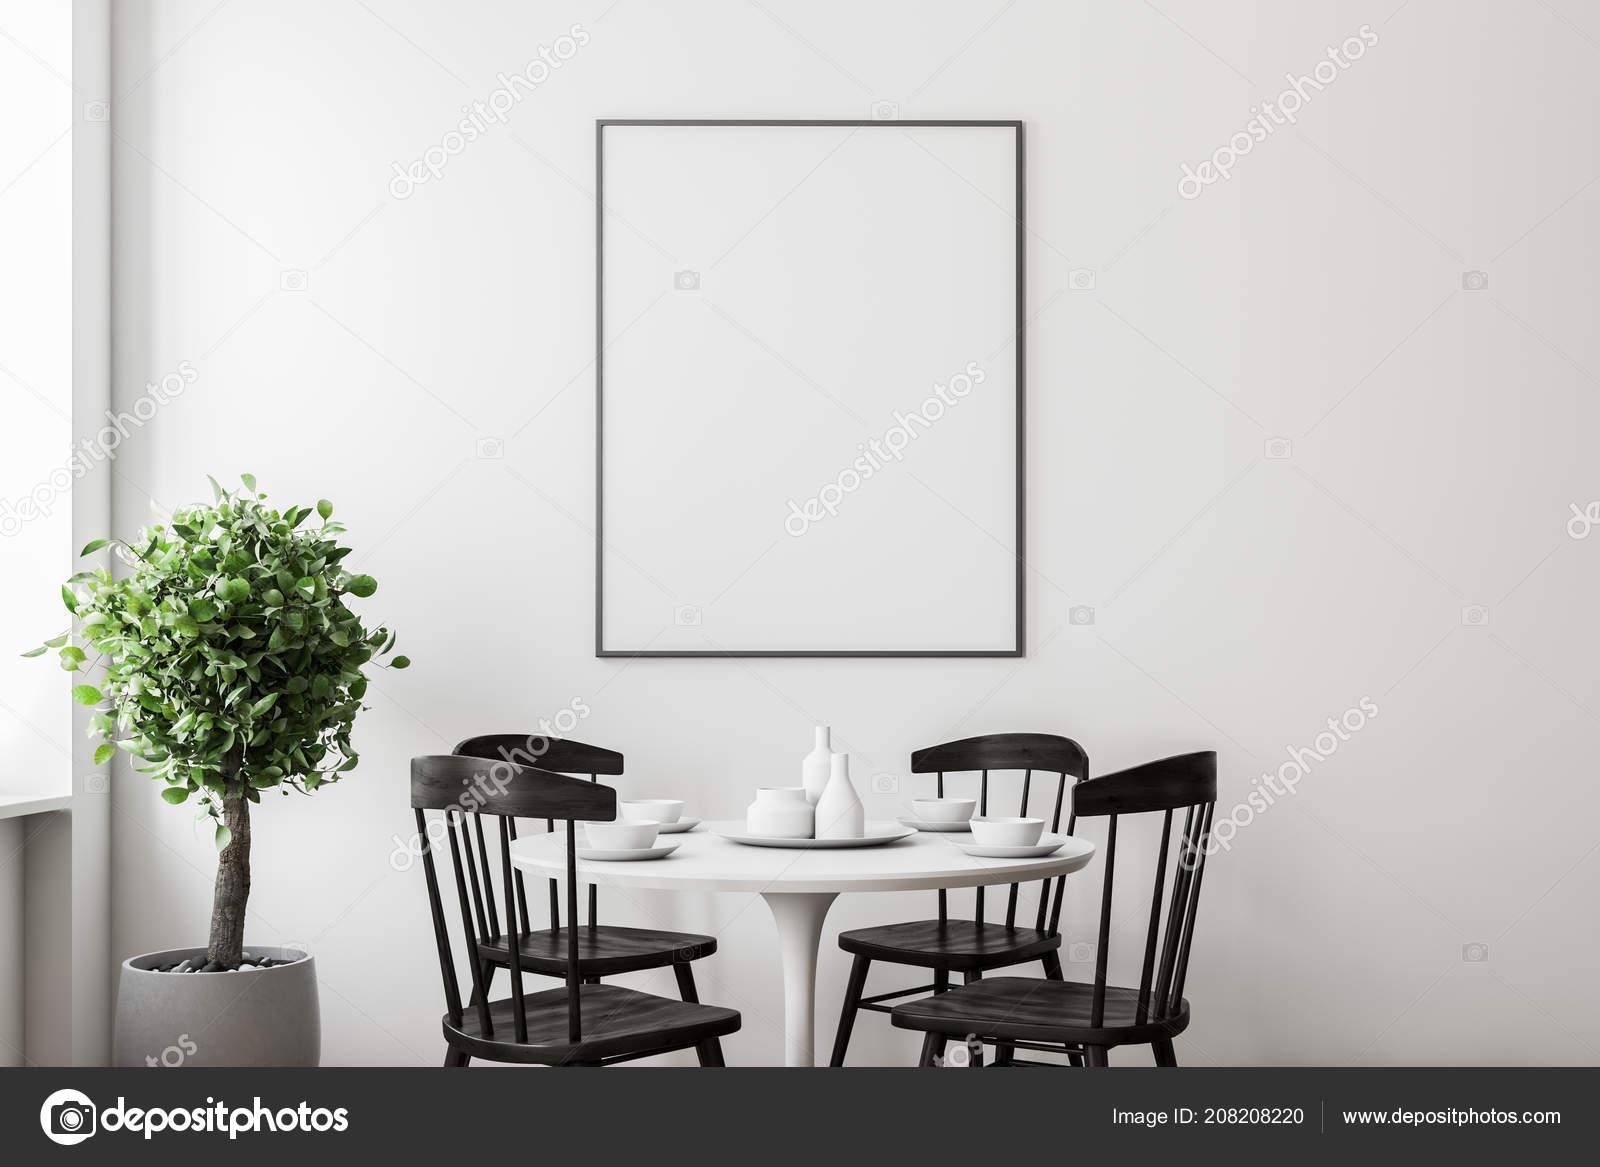 Salle Manger Moderne Intérieur Aux Murs Blancs Une Table Ronde ...